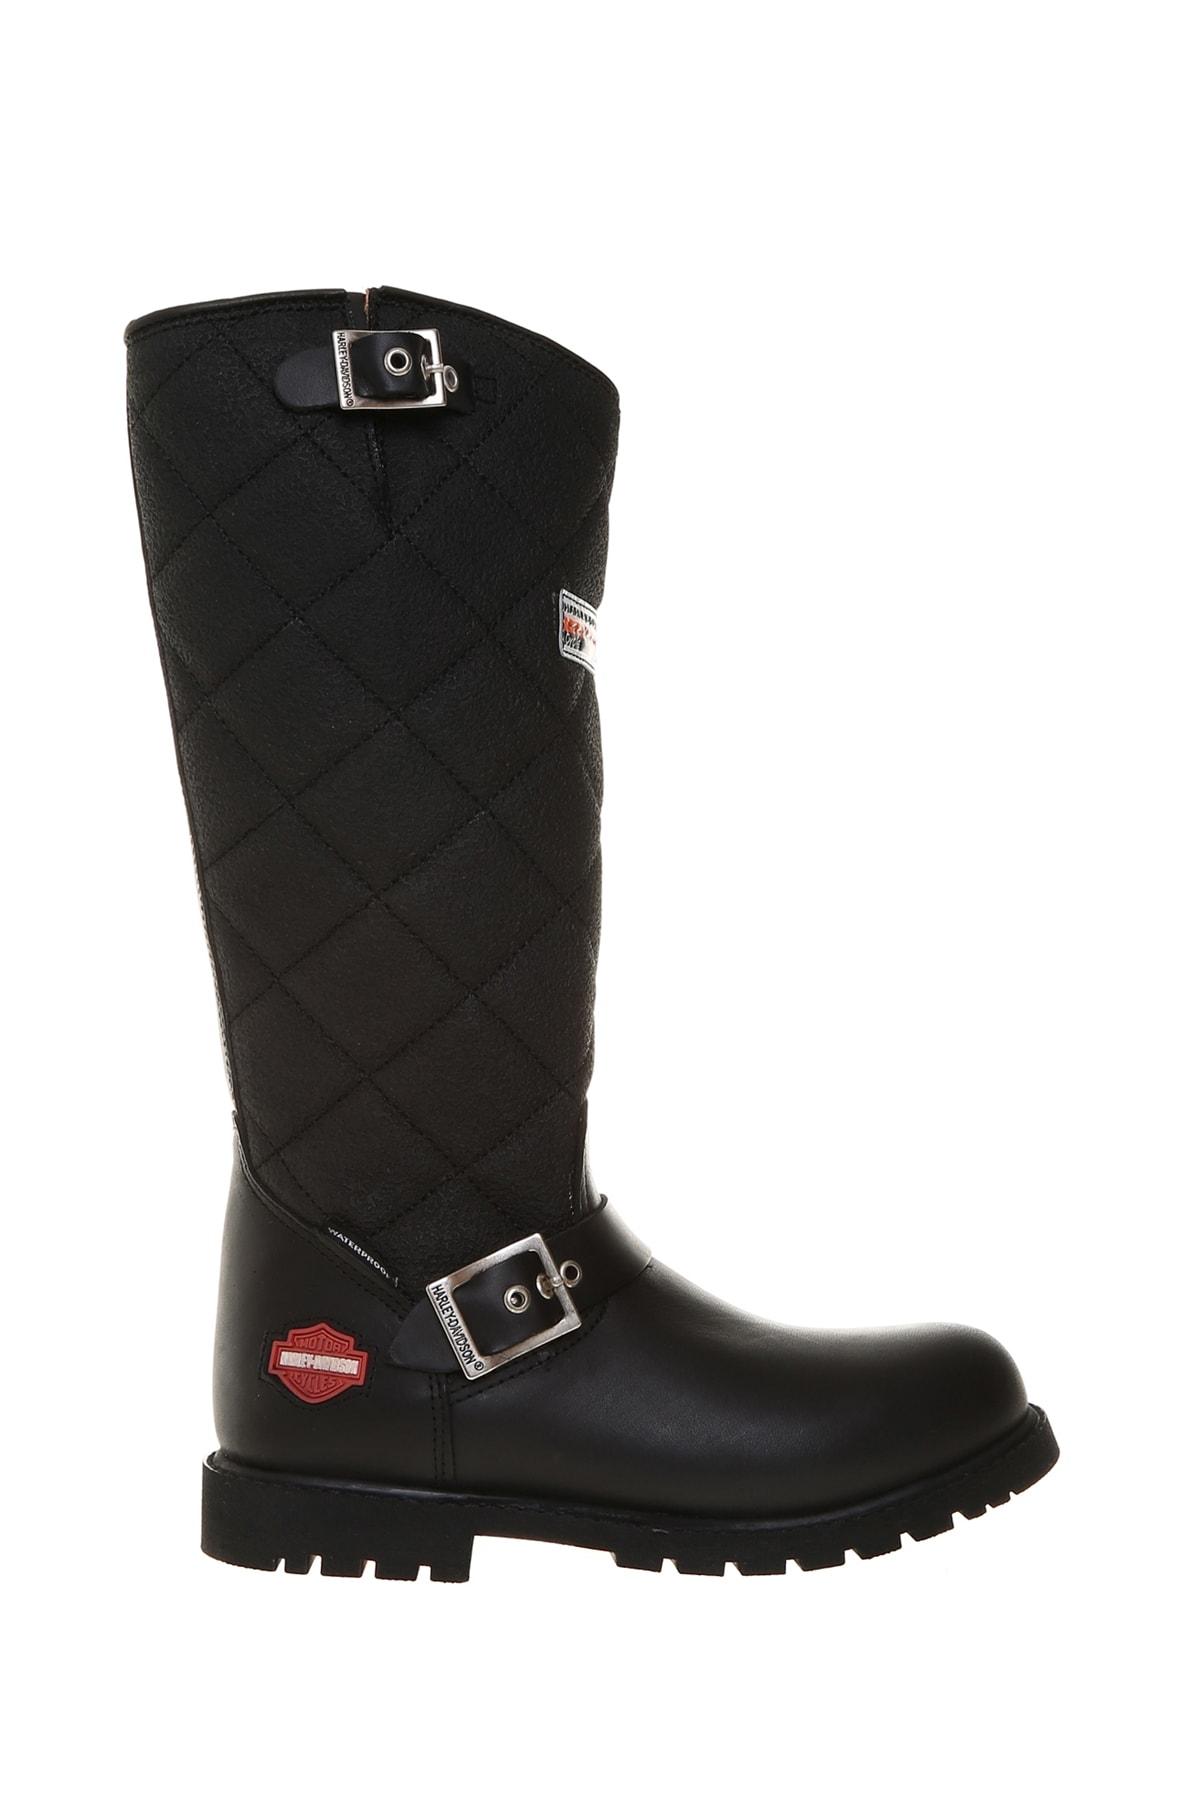 Harley Davidson Siyah Kadın Çizme 503050696 0